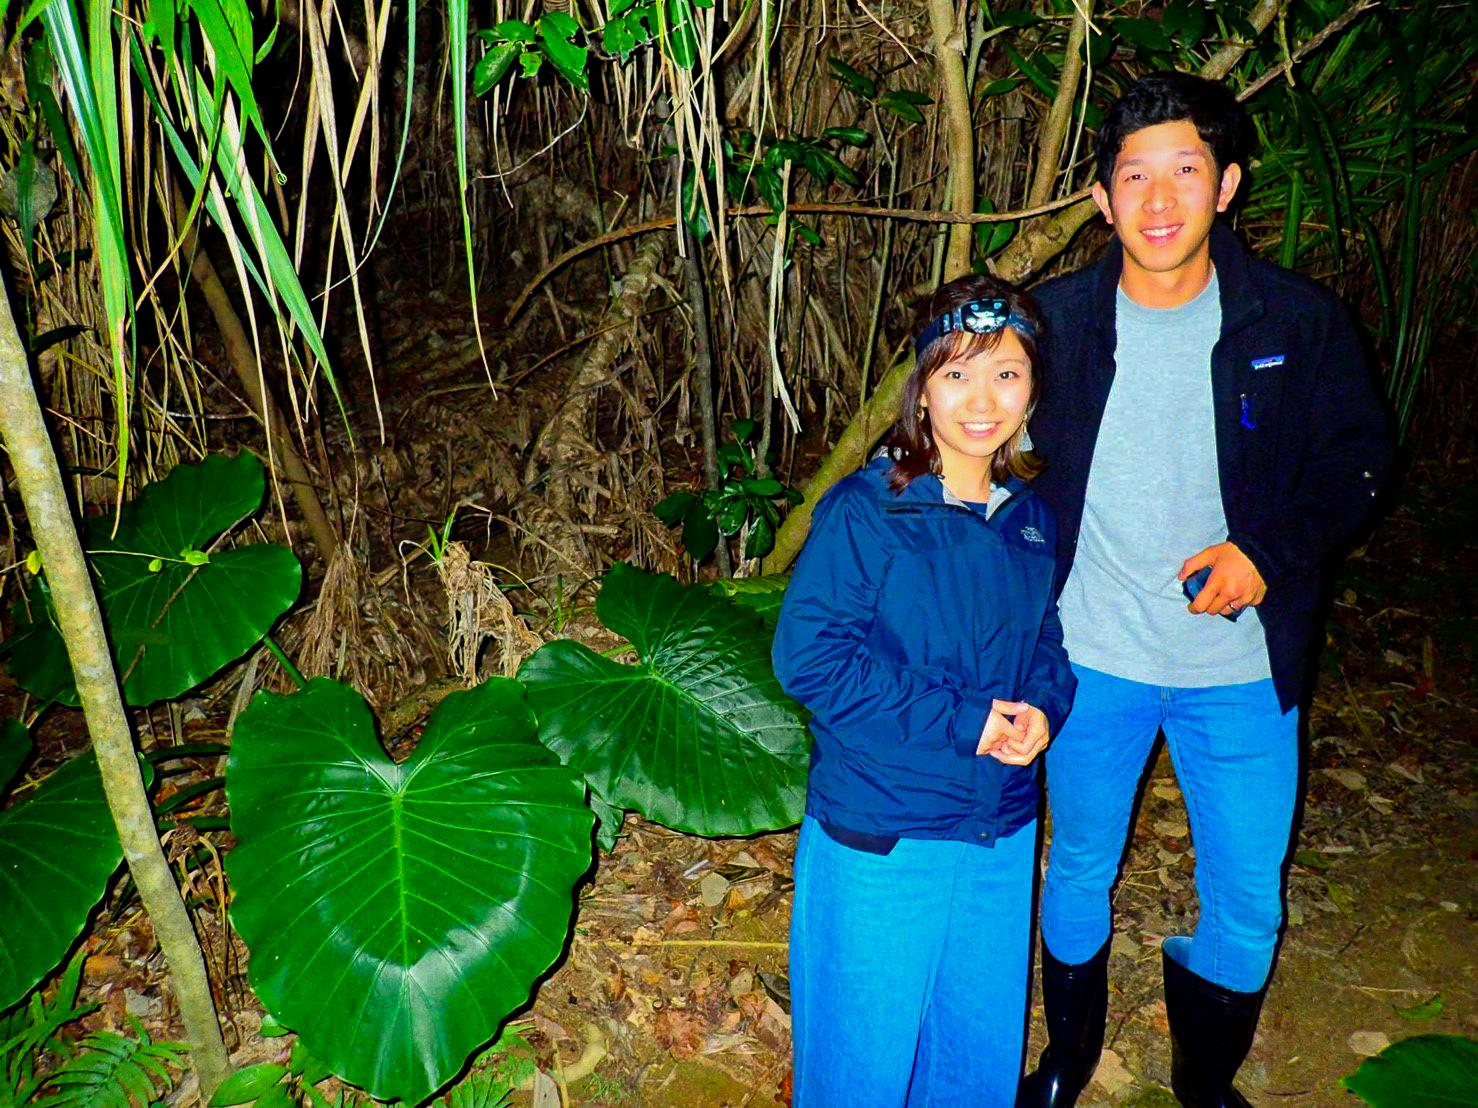 ジャングルナイトツアーでのカップル記念写真